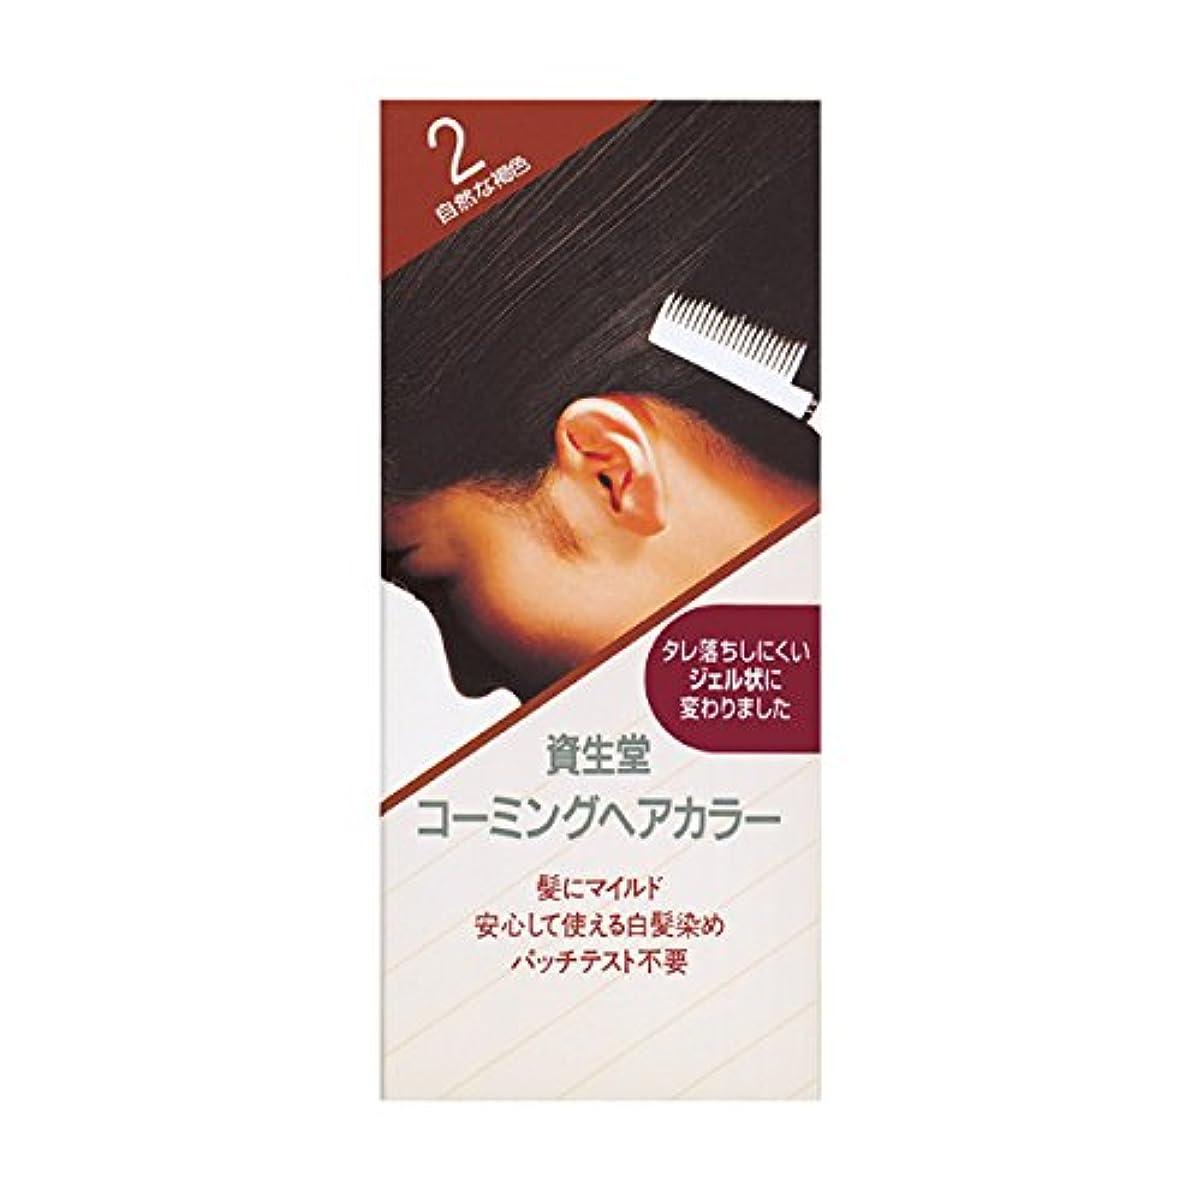 キャップ法的マントルヘアカラー コーミングヘアカラーa 2 150mL